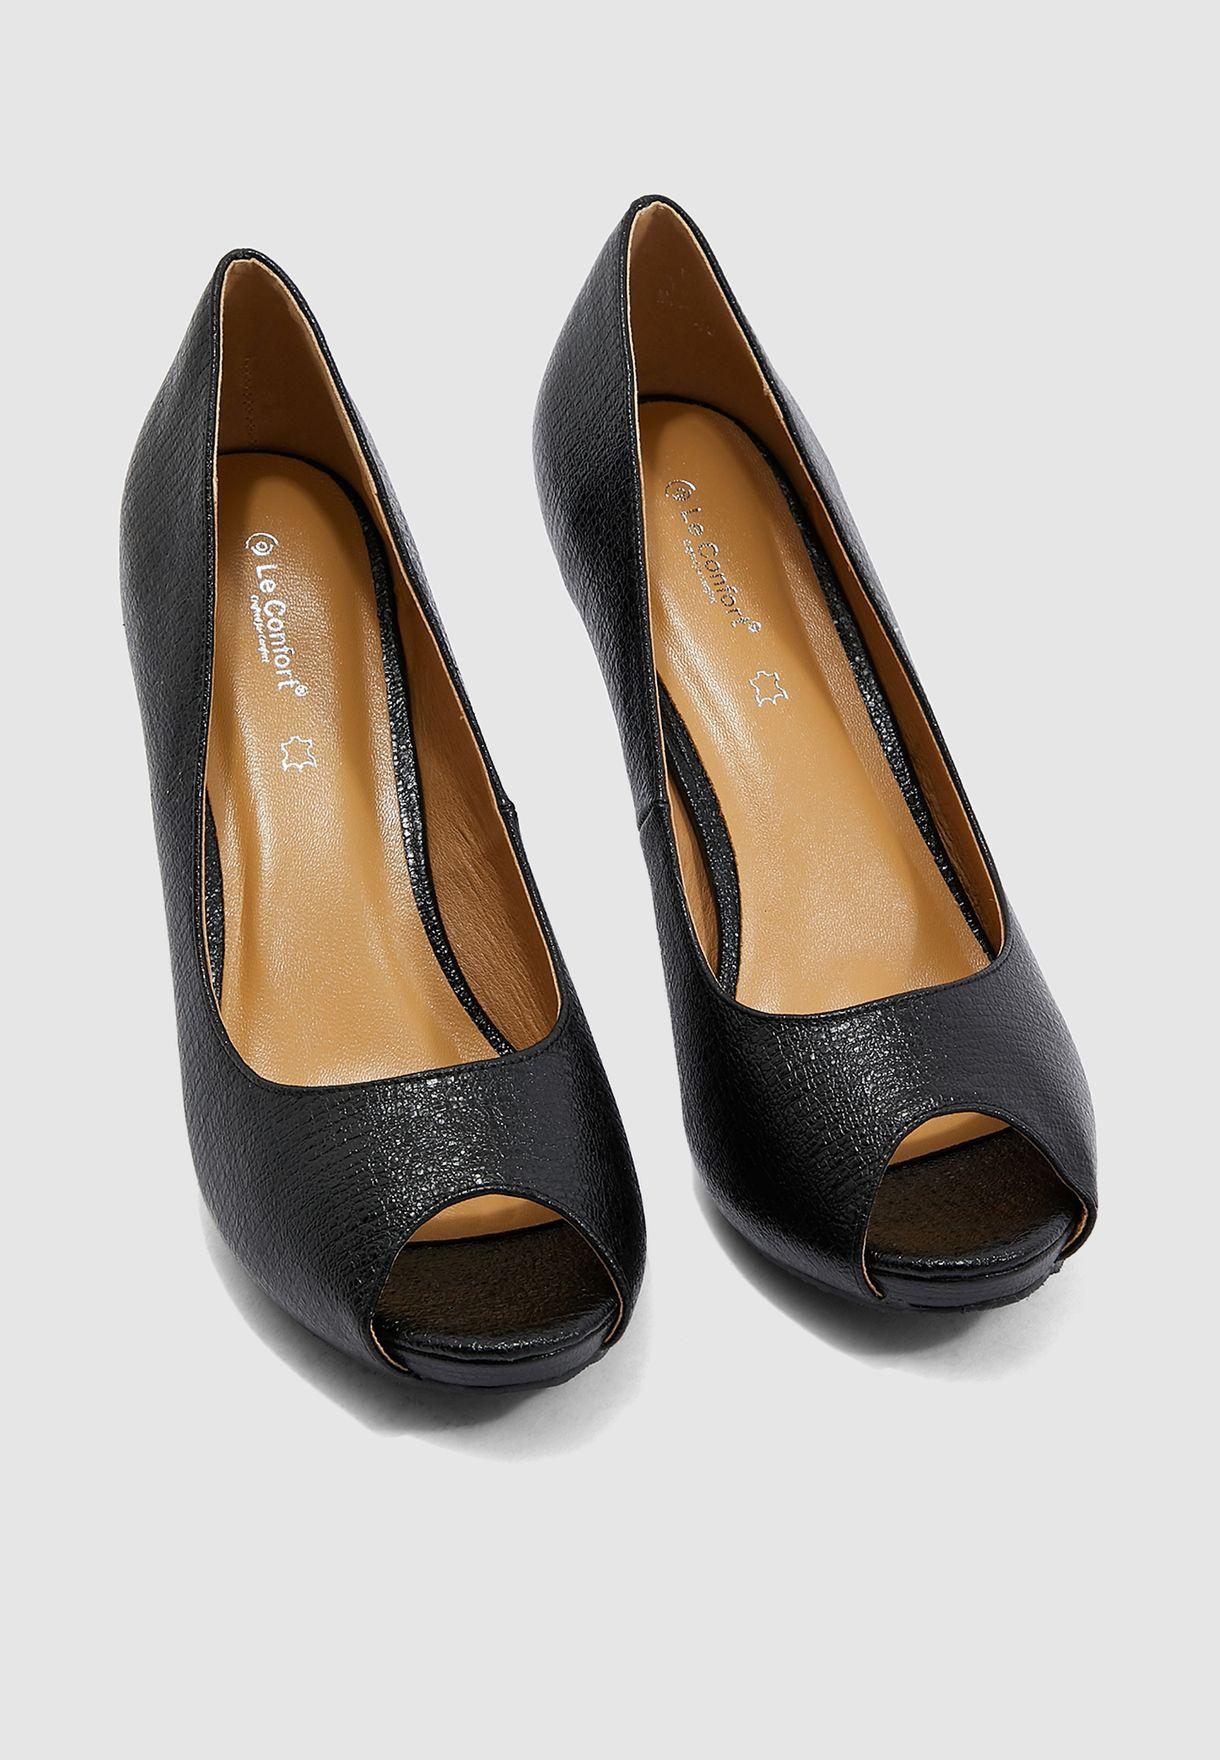 حذاء لامع بمقدمة مفتوحة